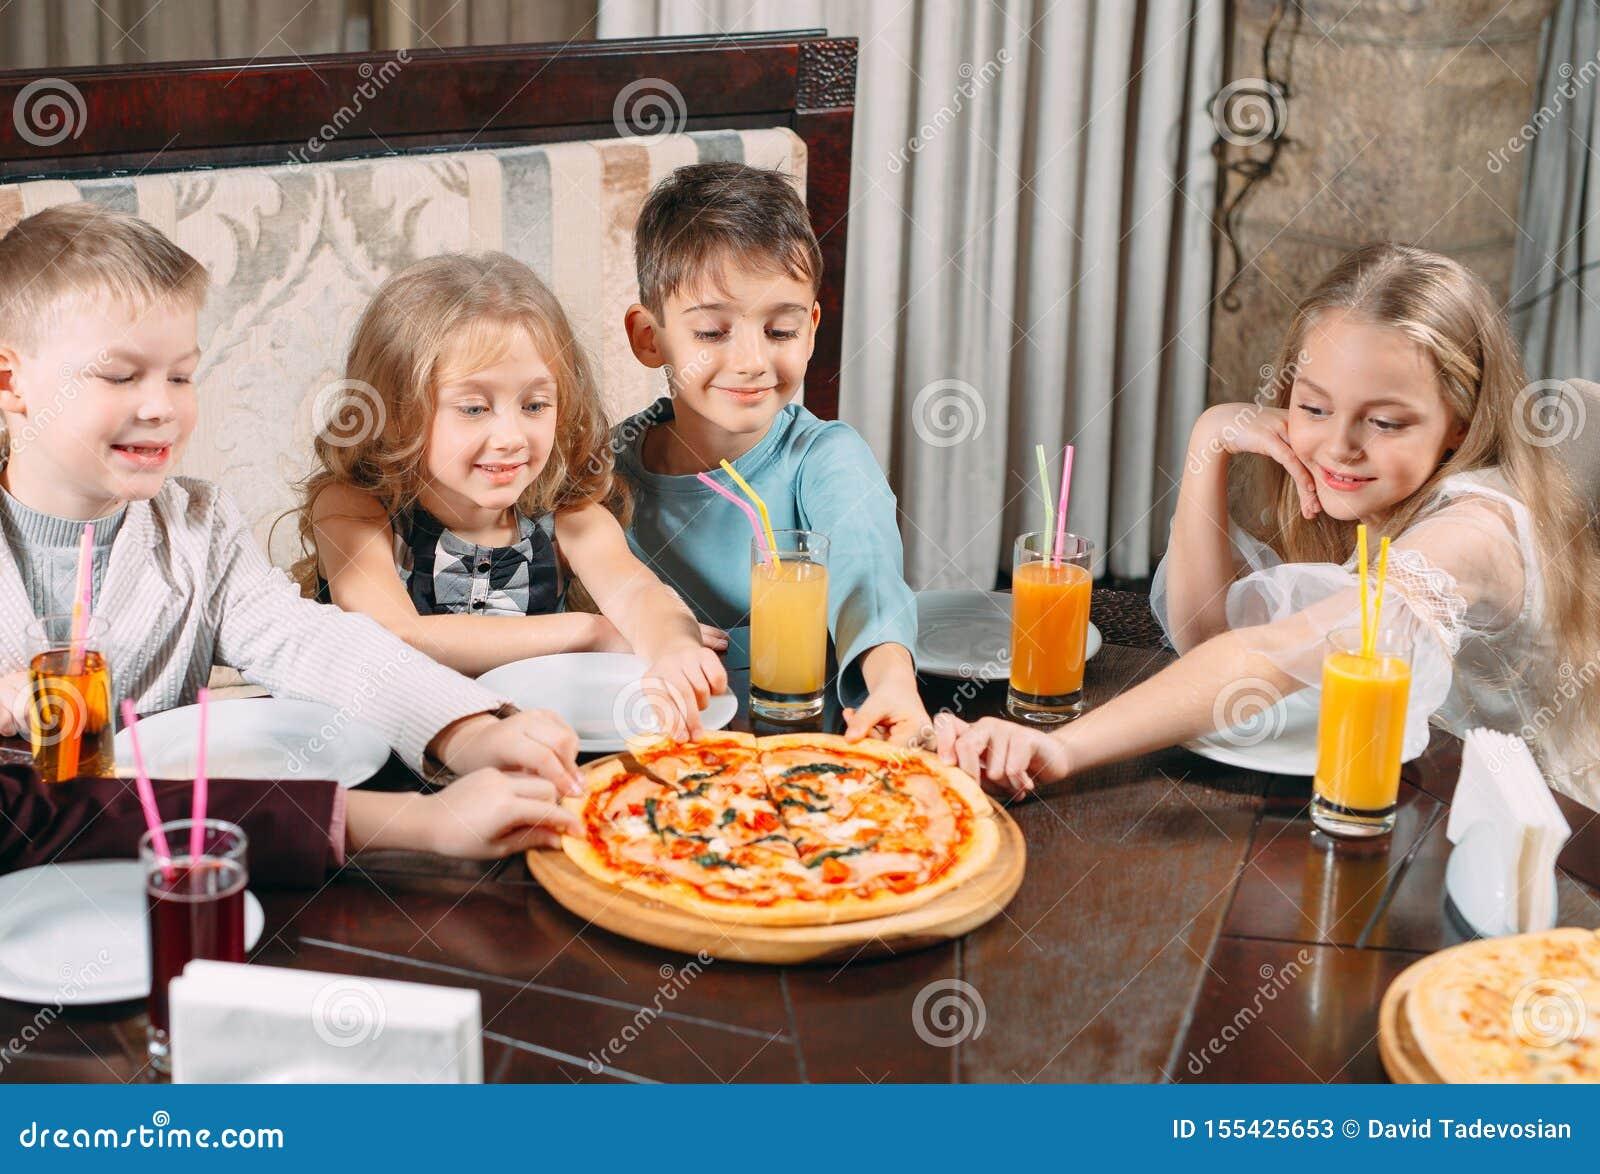 Lovely children eat pizza in the restaurant